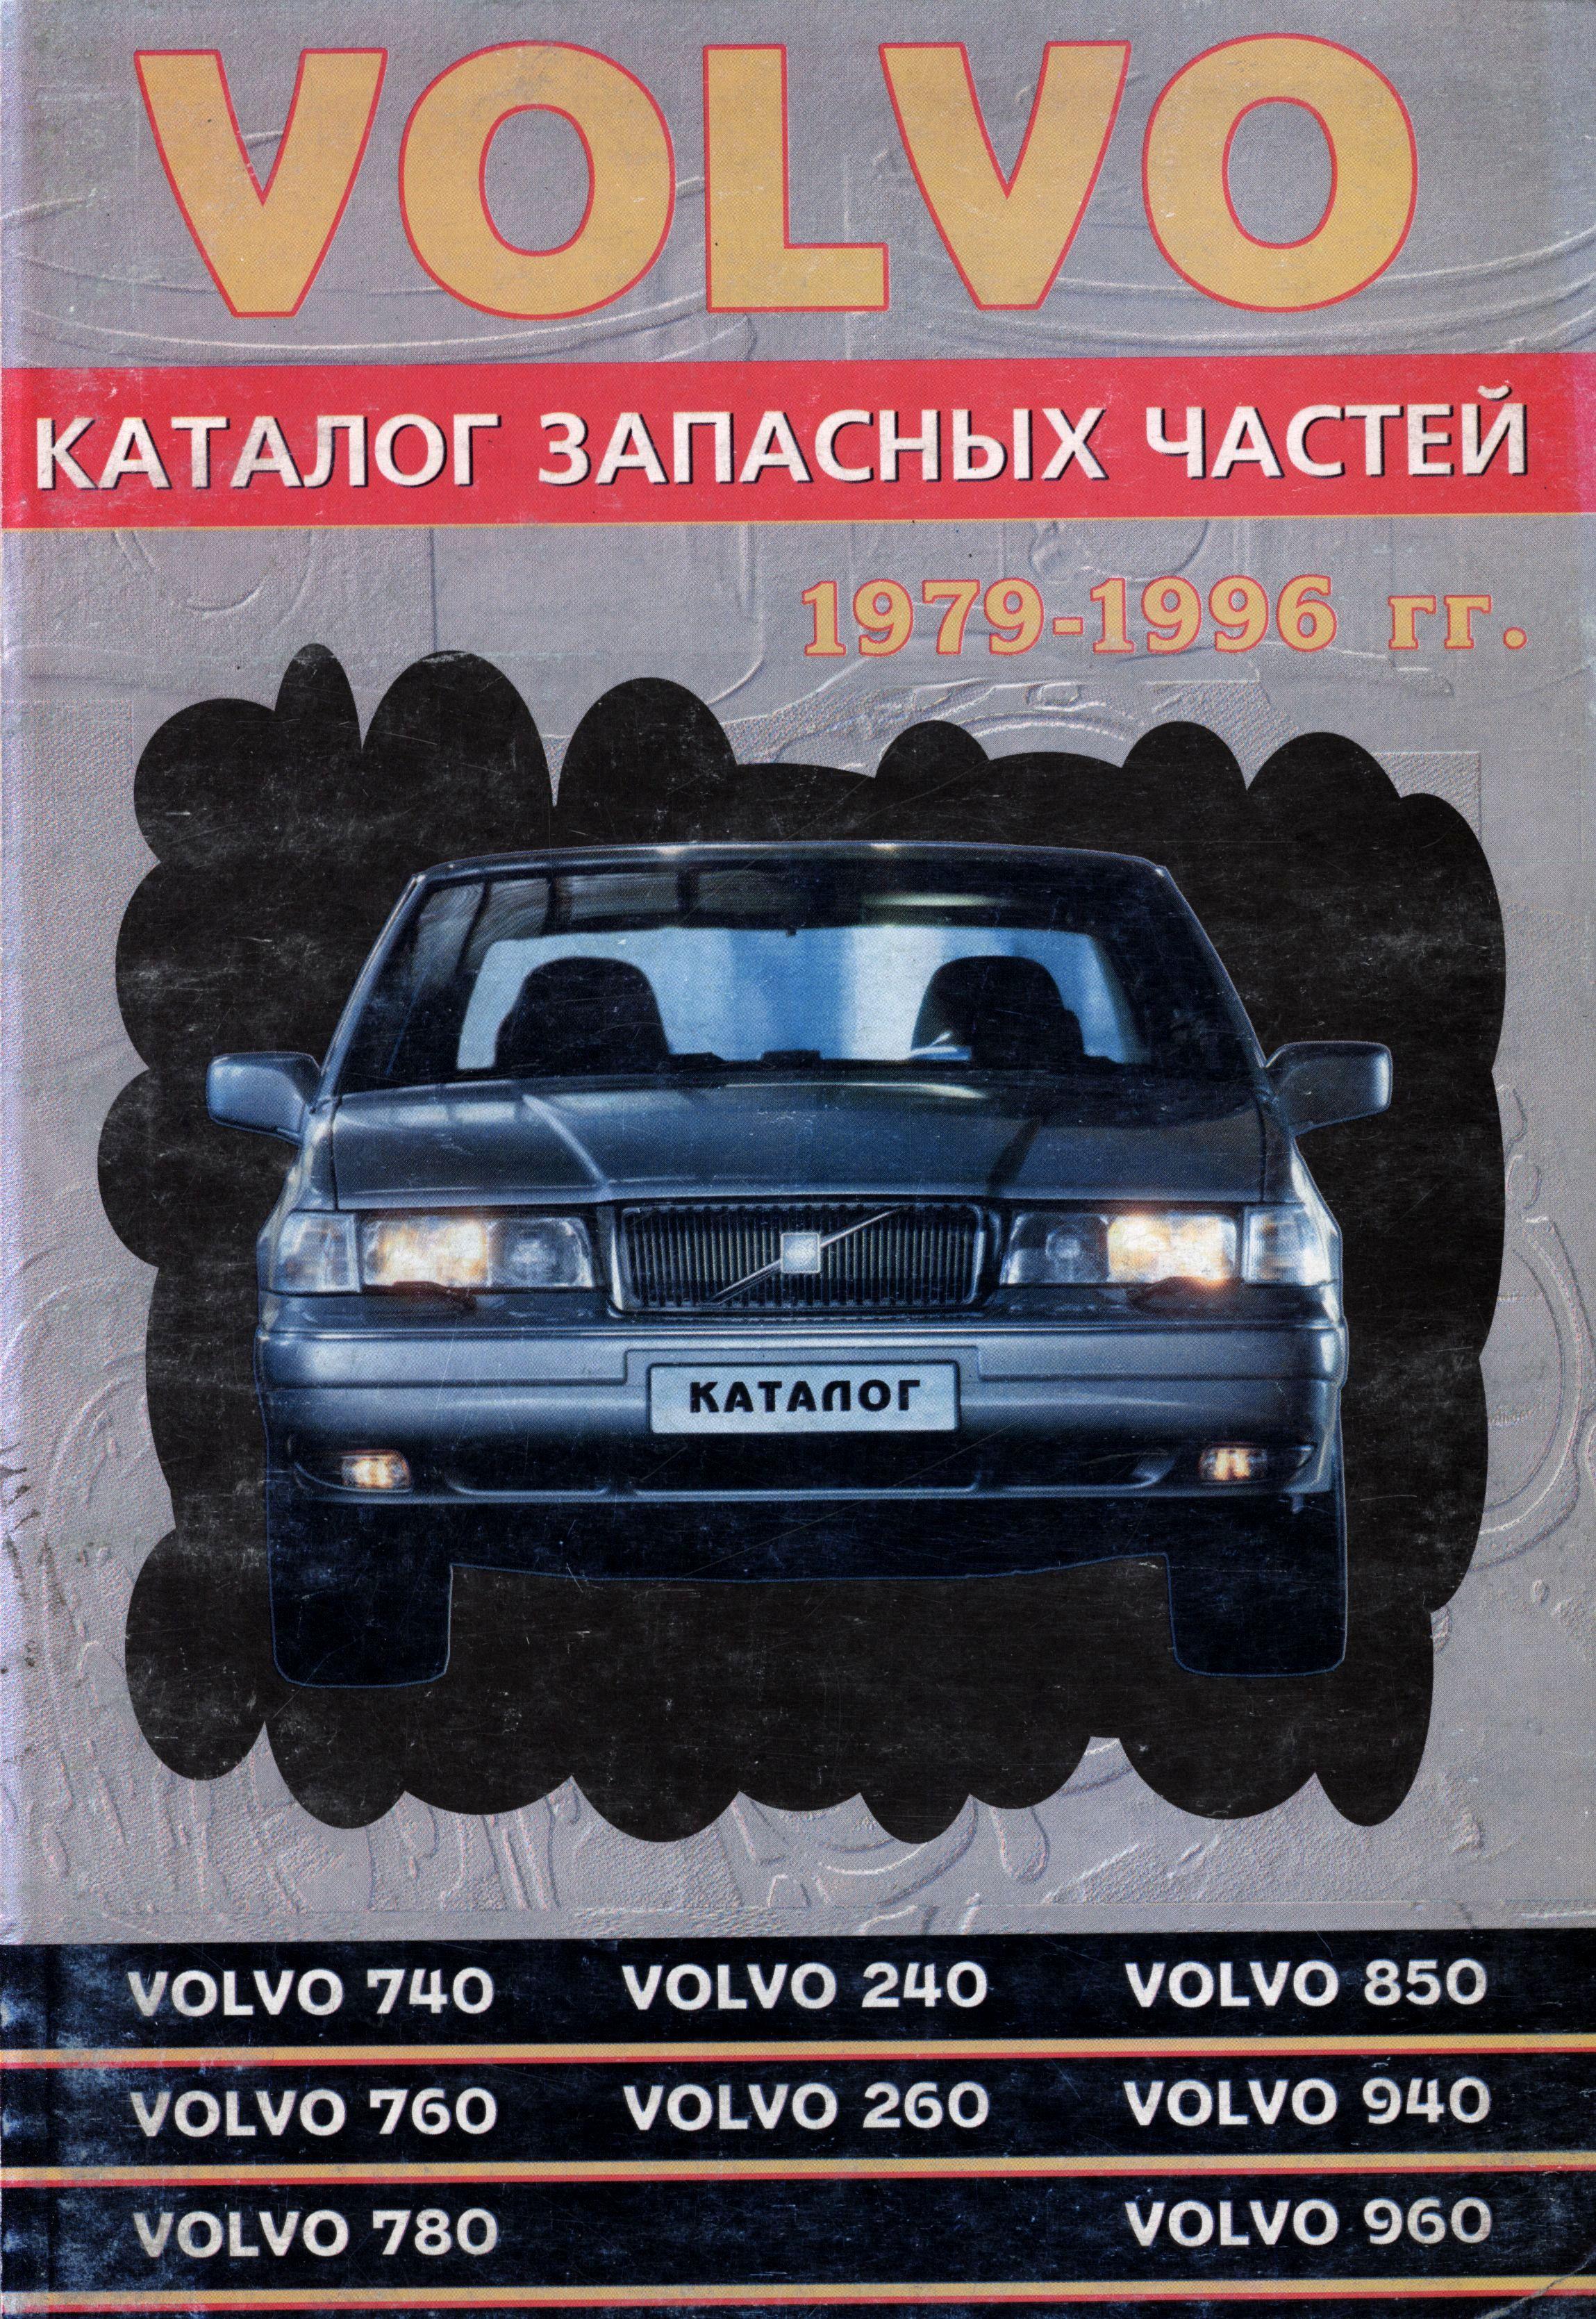 VOLVO 850 1979 -1996 Каталог запчастей